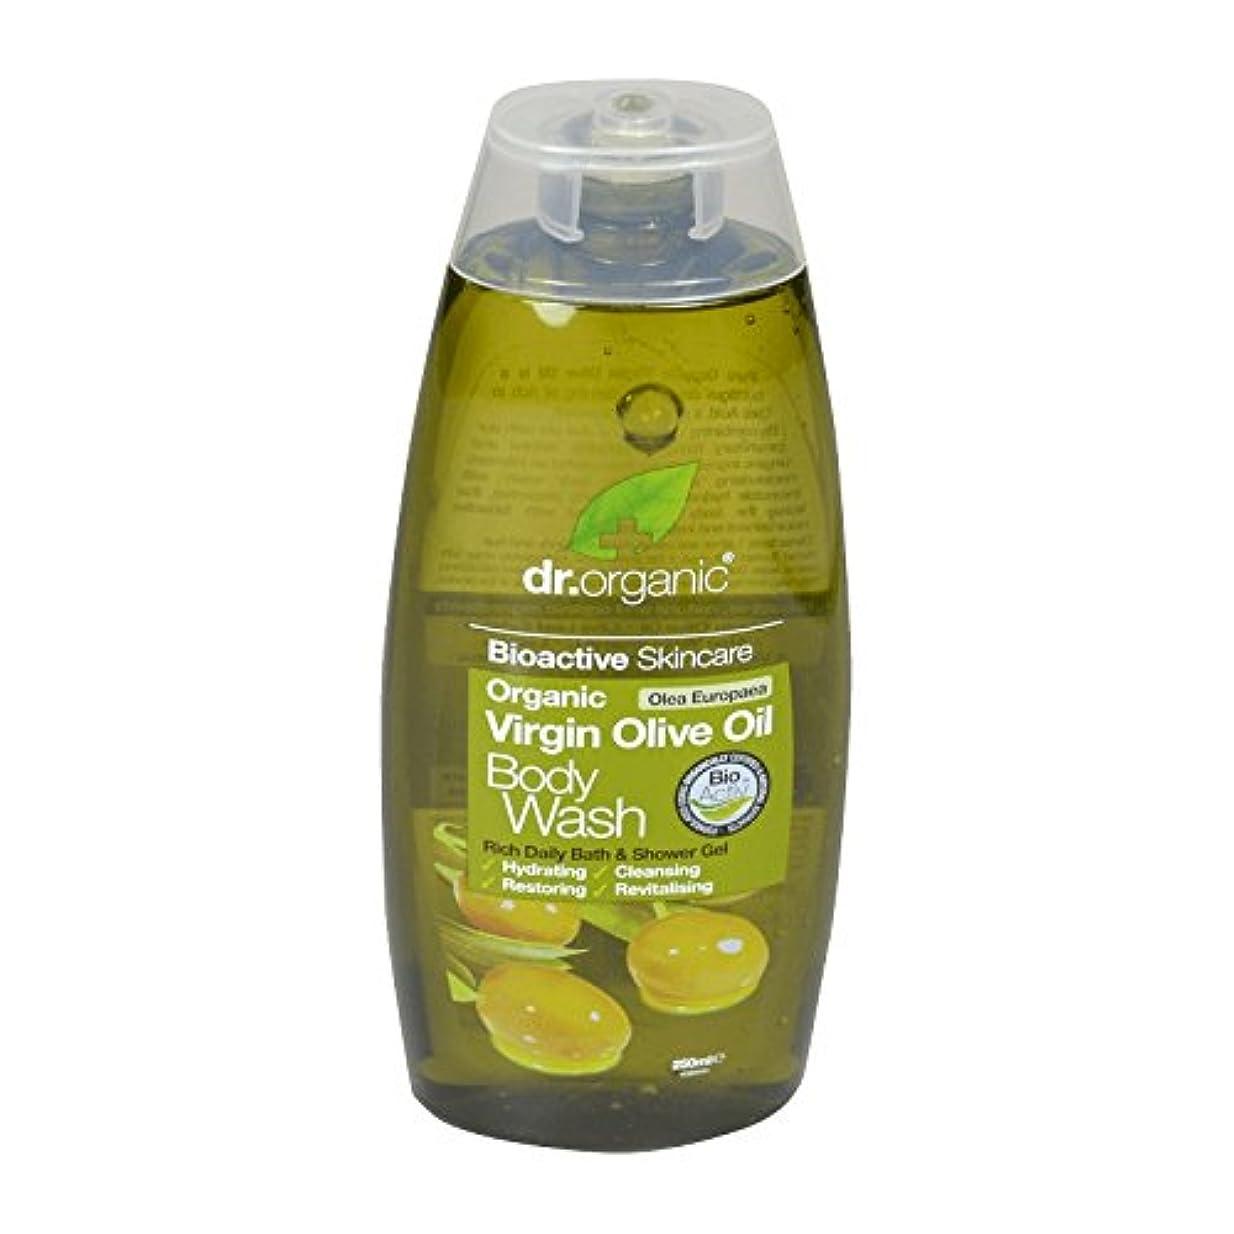 ページ反対する付属品Dr有機バージンオリーブオイルボディウォッシュ - Dr Organic Virgin Olive Oil Body Wash (Dr Organic) [並行輸入品]